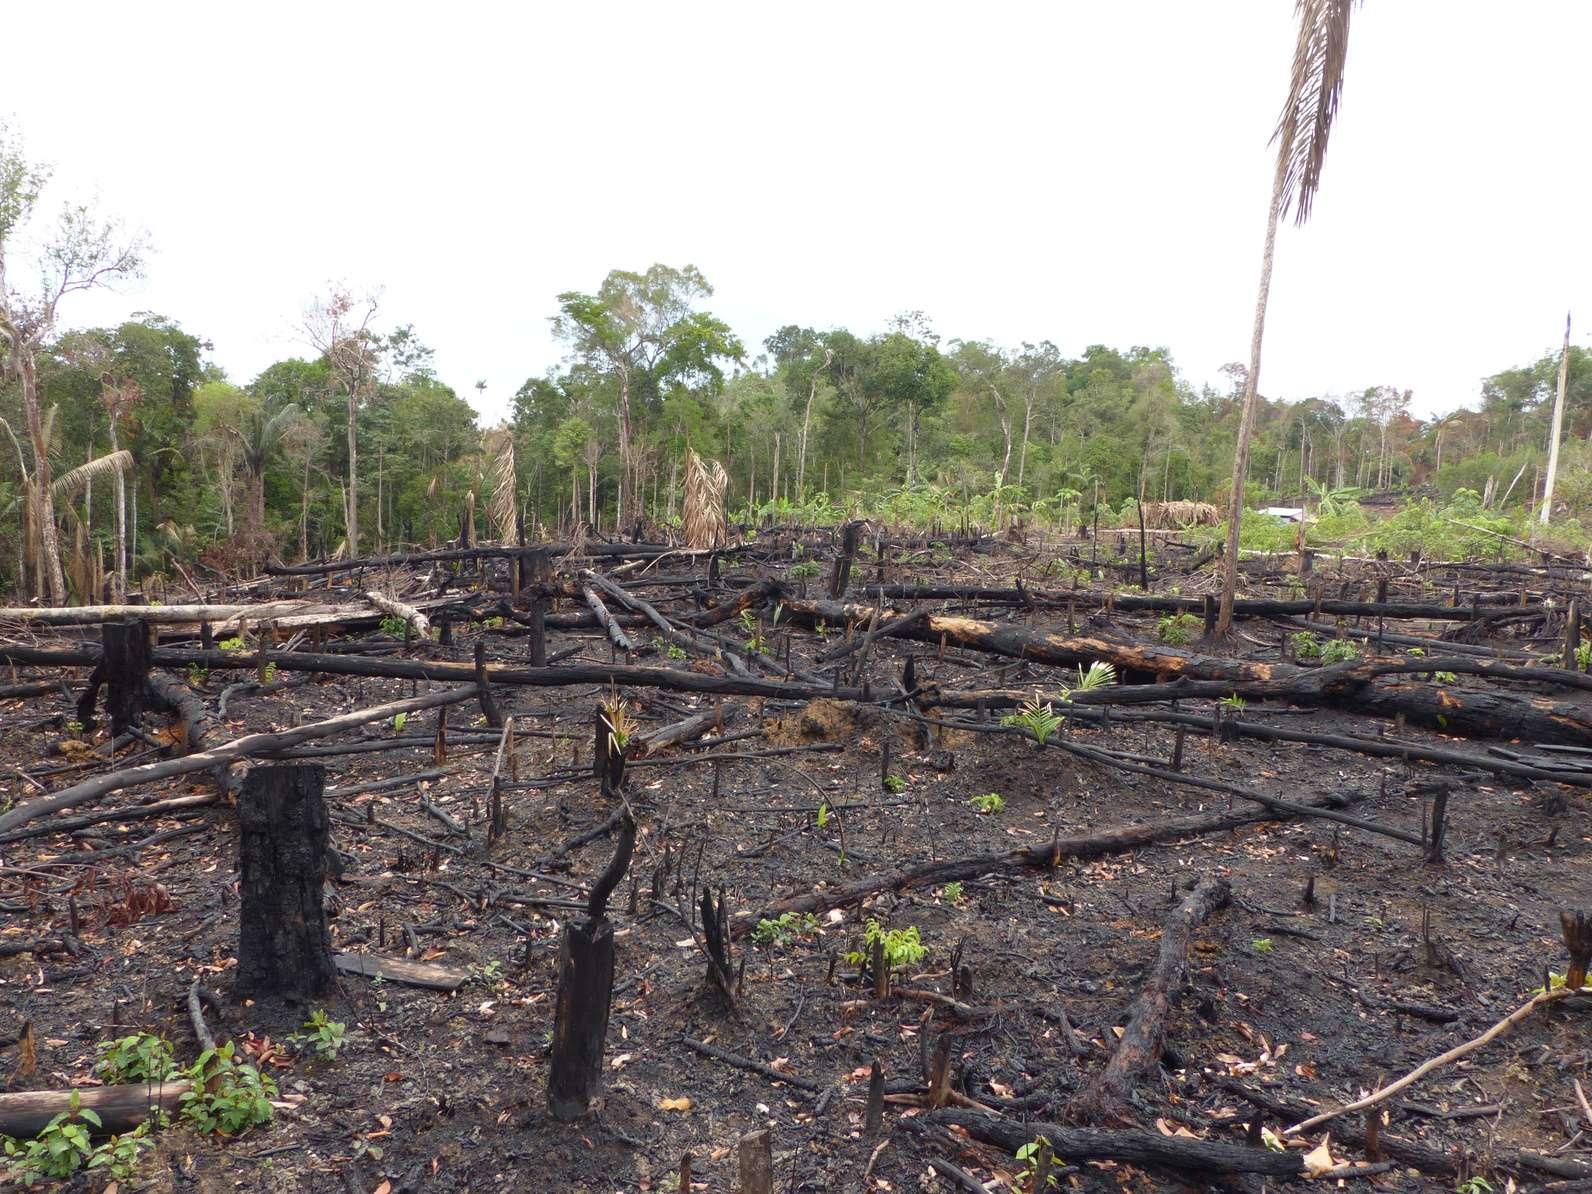 Pour le deuxième mois consécutif cette année, la déforestation en Amazonie brésilienne est en hausse, avec 920 km² de forêt disparus au mois de juin 2019, soit +88,4 % par rapport à juin 2018. © guentermanaus, Fotolia